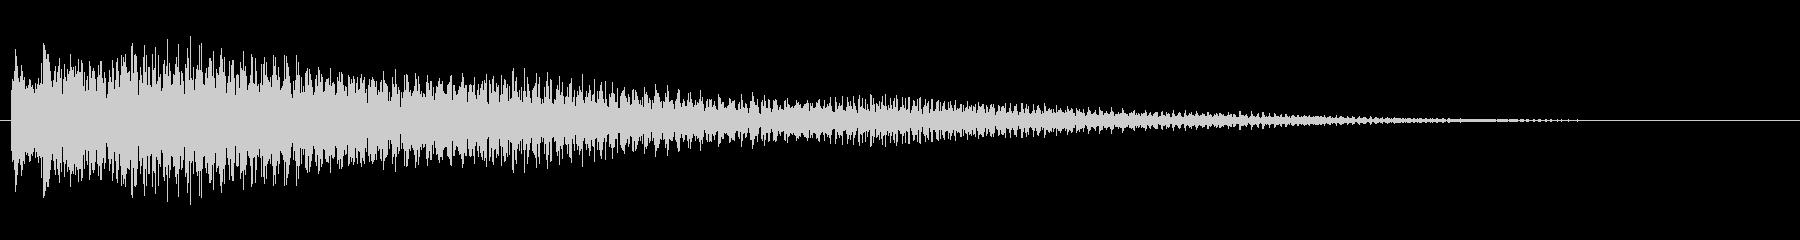 アコースティックギター チャラーンの未再生の波形